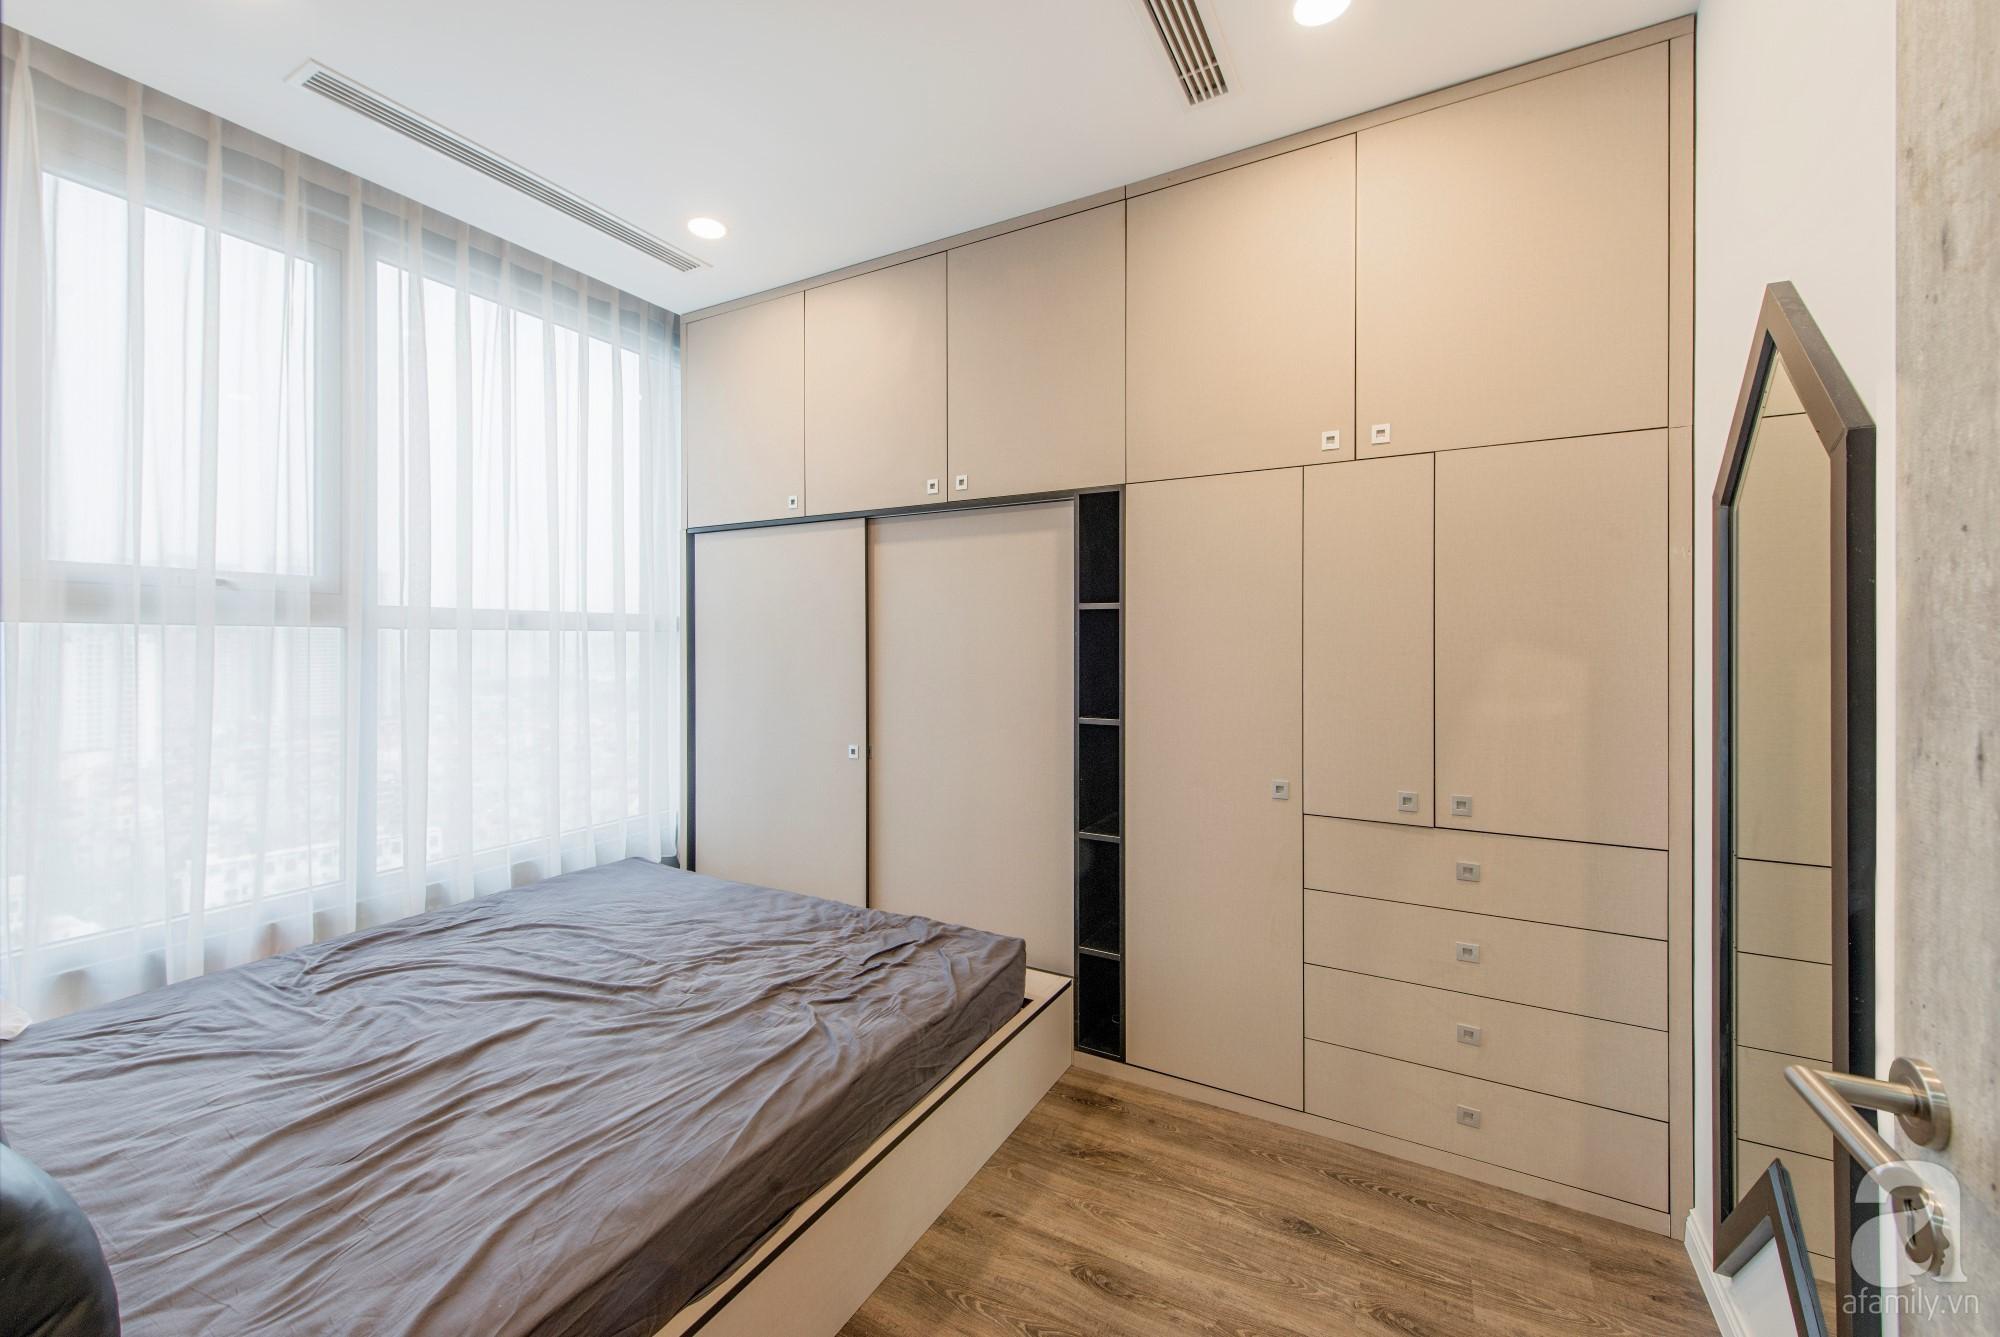 Căn hộ 80m² trên tầng 21 đẹp độc đáo với chi phí cải tạo 780 triệu đồng của chủ nhà yêu cây xanh - Ảnh 9.